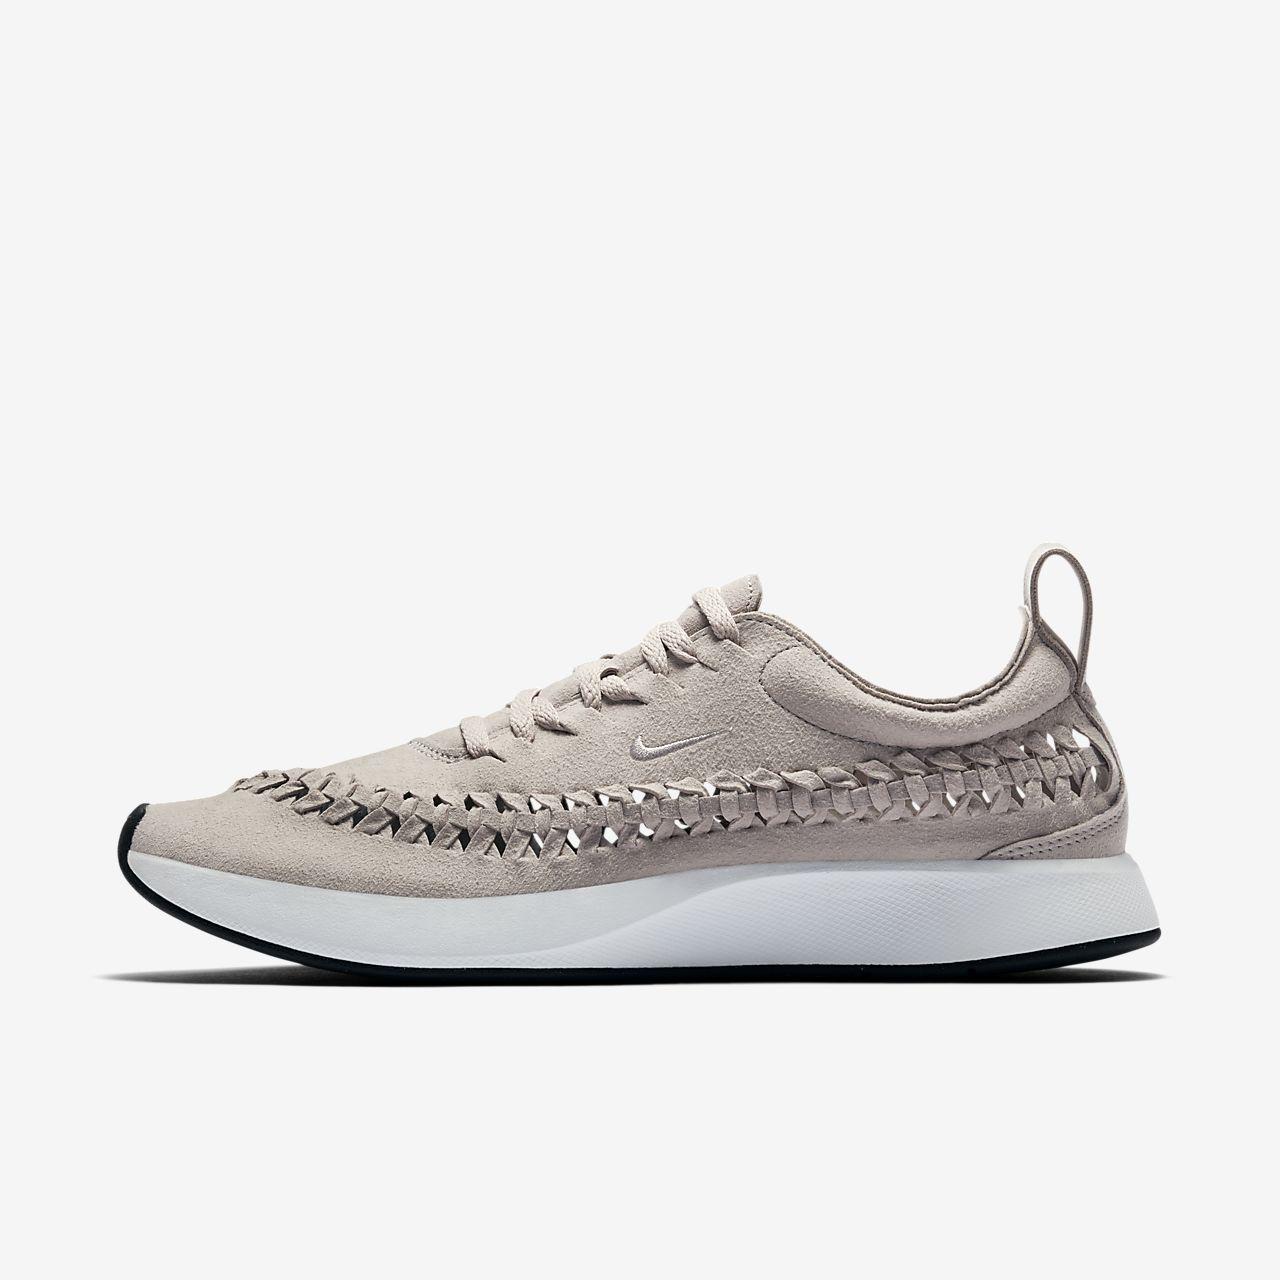 ... Nike Dualtone Racer Woven Women's Shoe